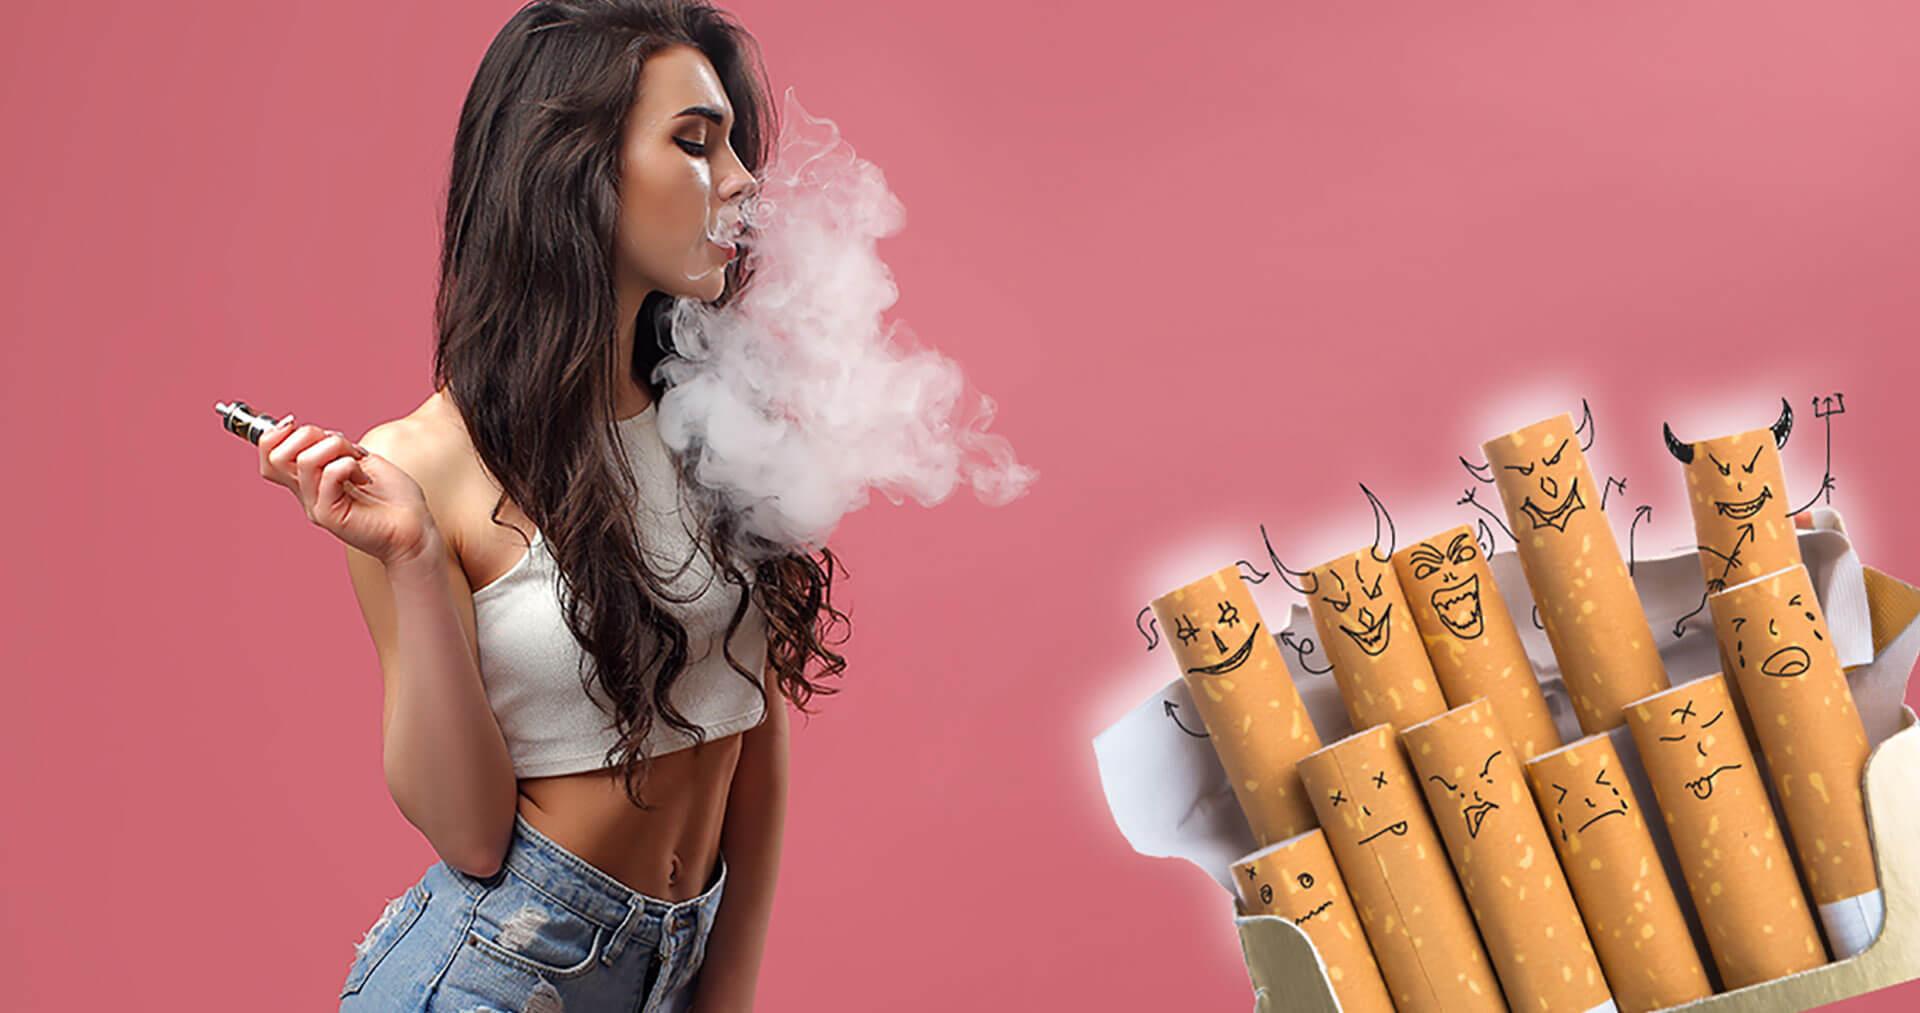 La cigarette électronique est-elle vraiment moins dangereuse pour la santé que la cigarette de tabac